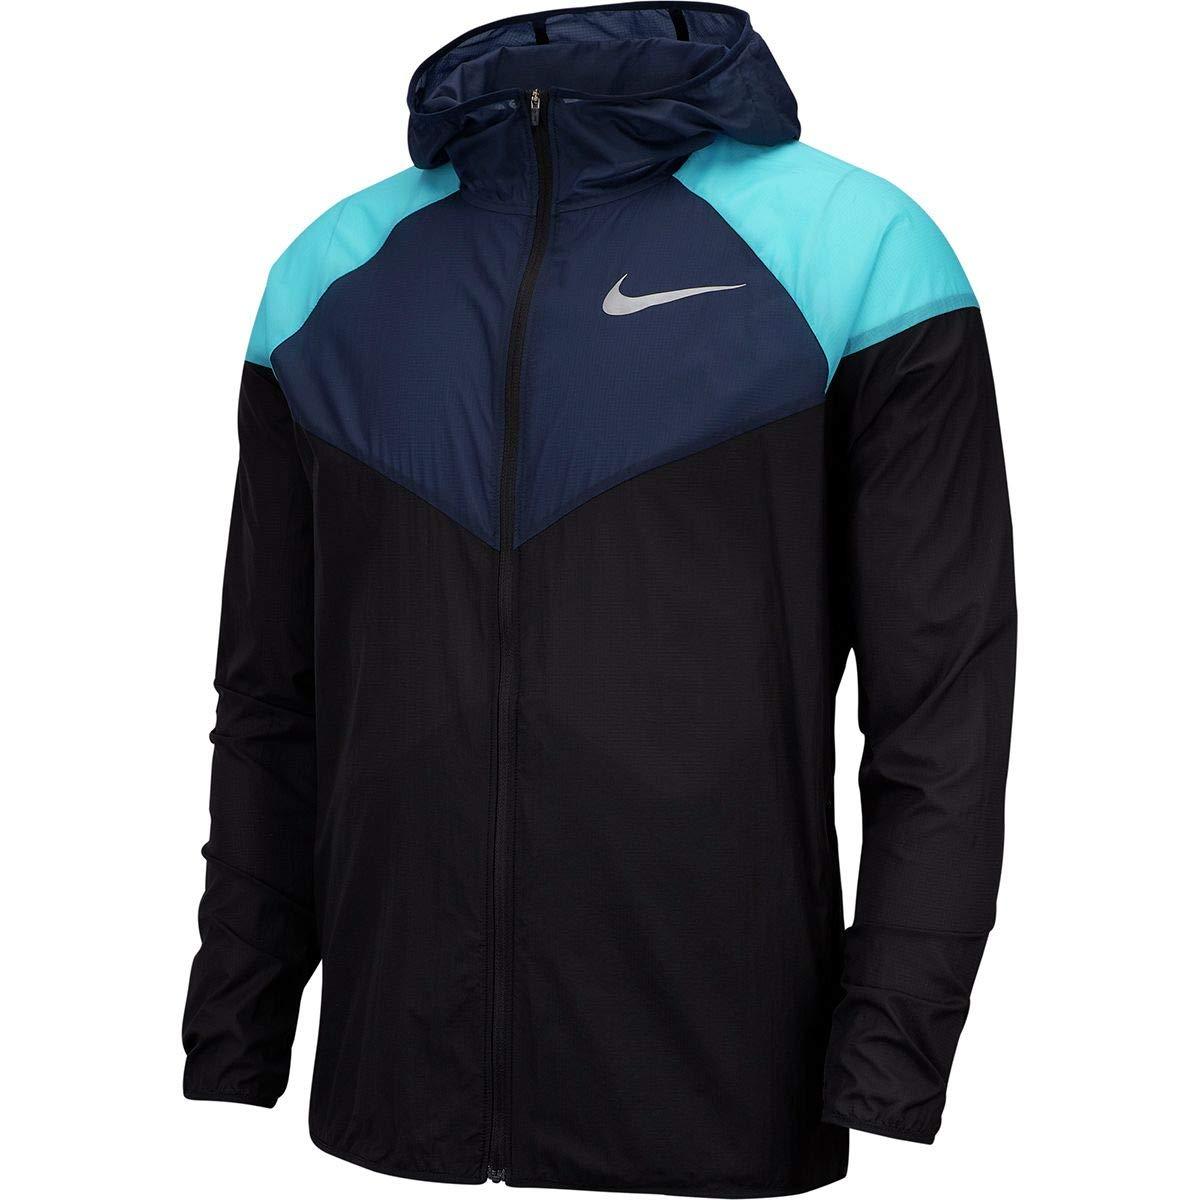 [ナイキ] XL メンズ ジャケット&ブルゾン Windrunner B07P2WBLRF Running Jacket [並行輸入品] [ナイキ] B07P2WBLRF XL, ワドマリチョウ:573e4cff --- ero-shop-kupidon.ru